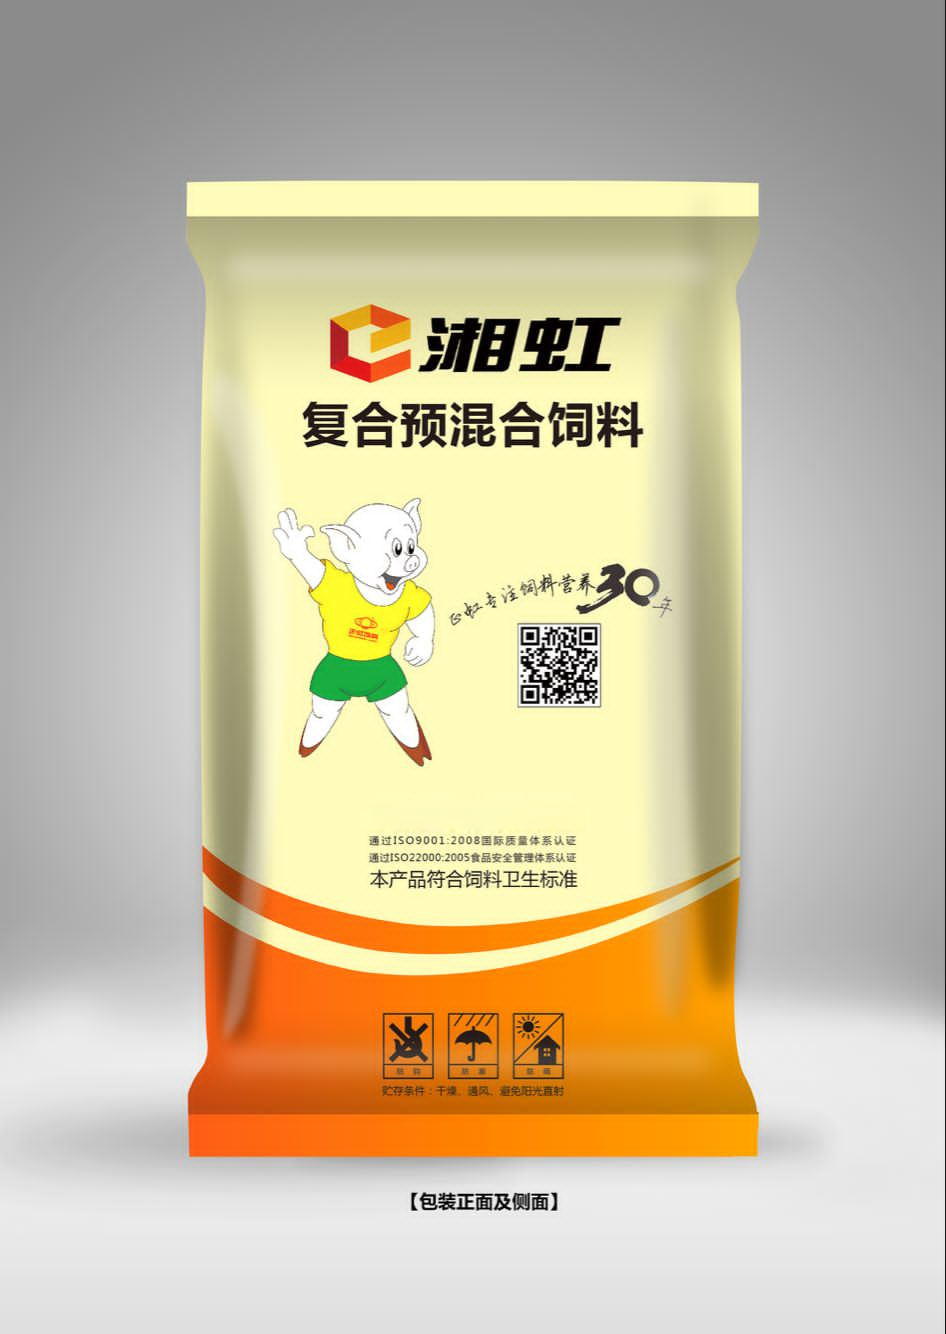 【正虹】5%产蛋鸡复合预混合利来娱乐app eXH5129